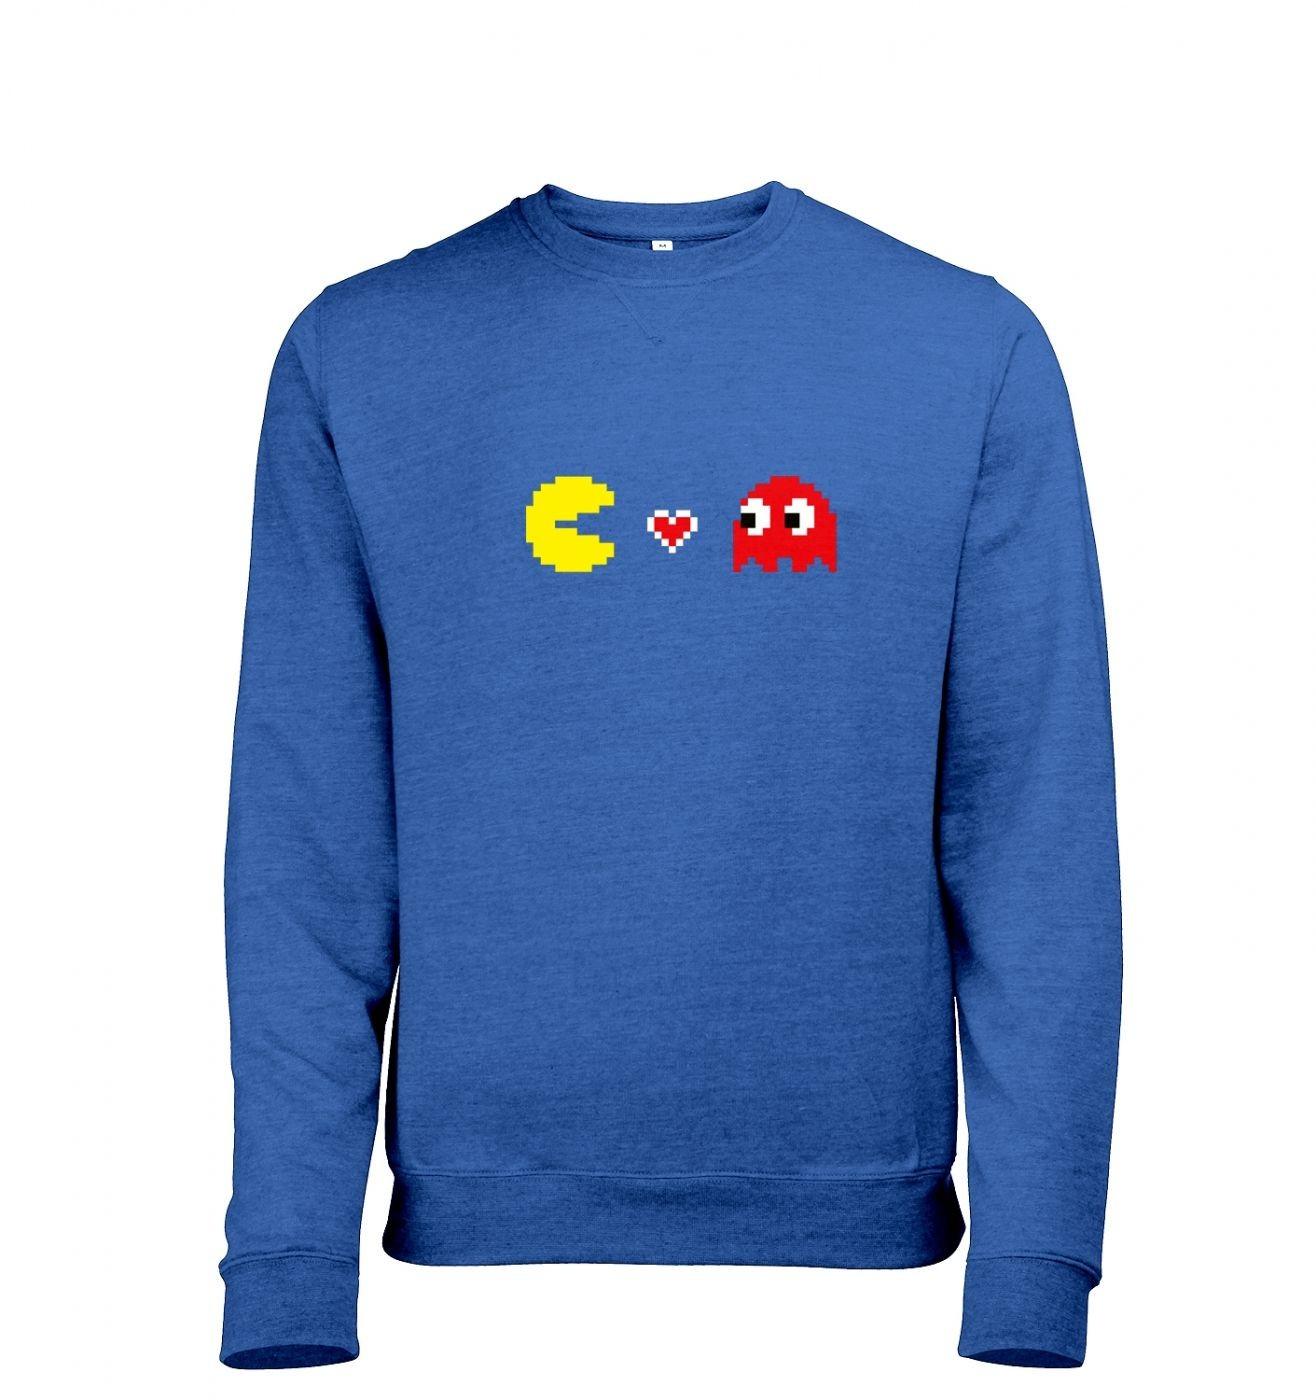 Squid Love Cheese men's heather sweatshirt